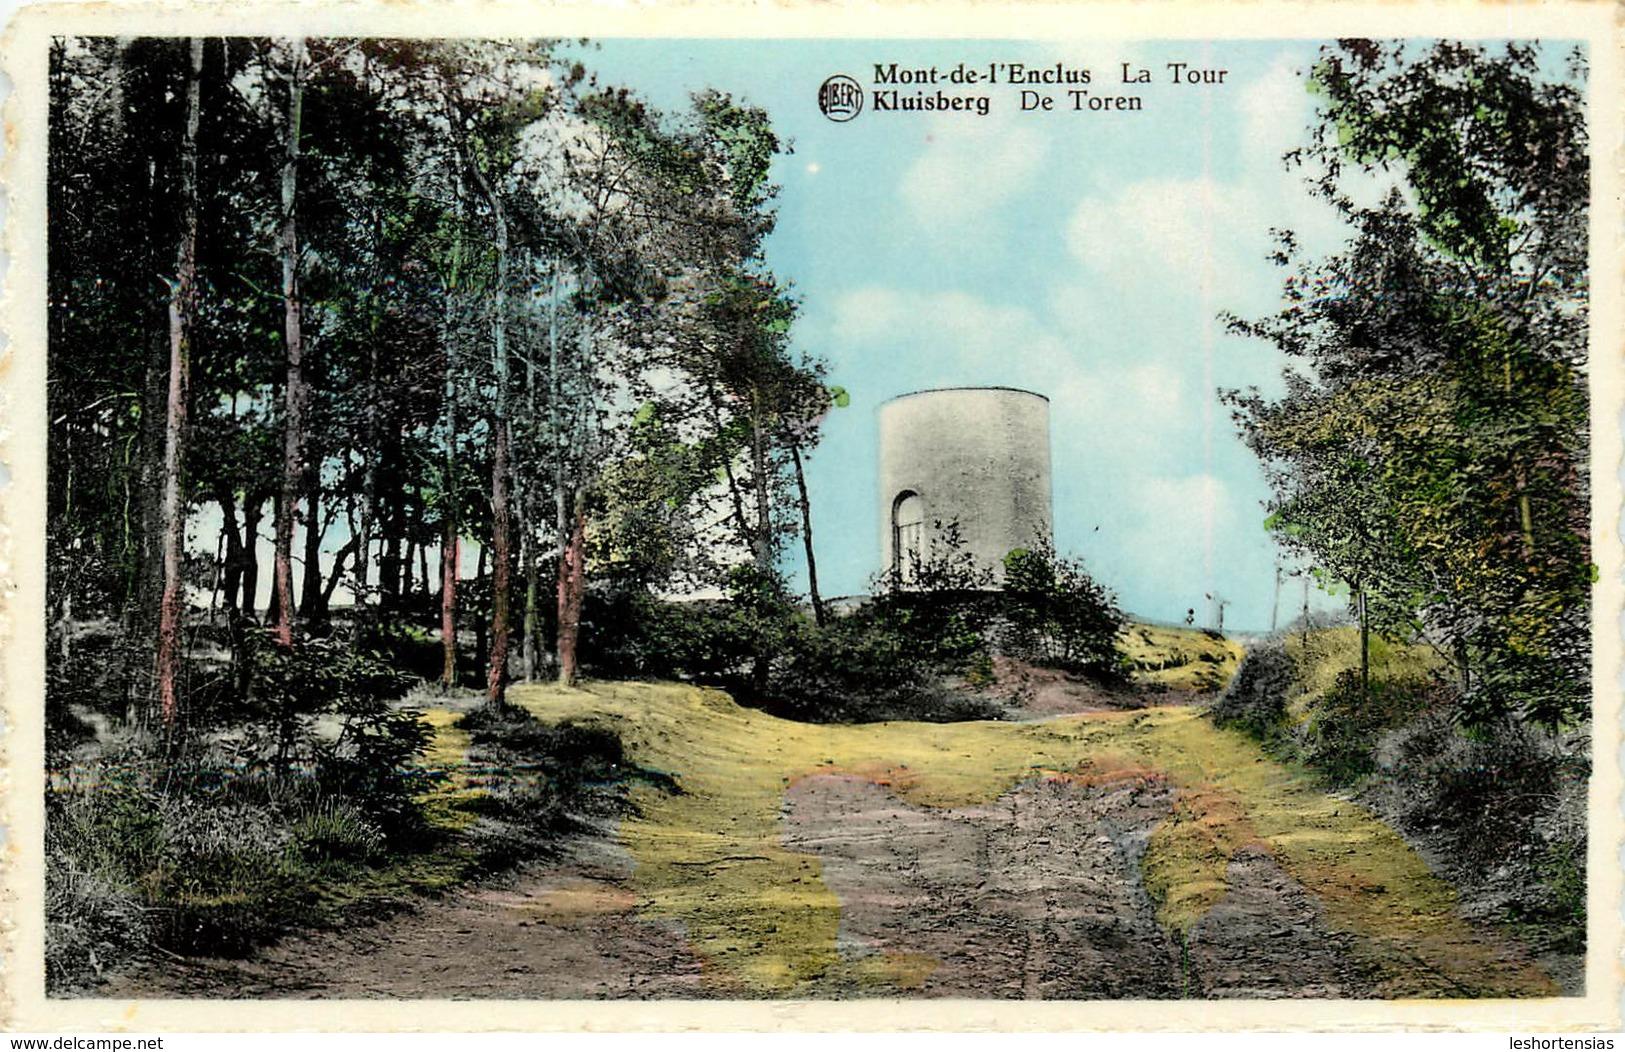 MONT DE L'ENCLUS LA TOUR - Mont-de-l'Enclus